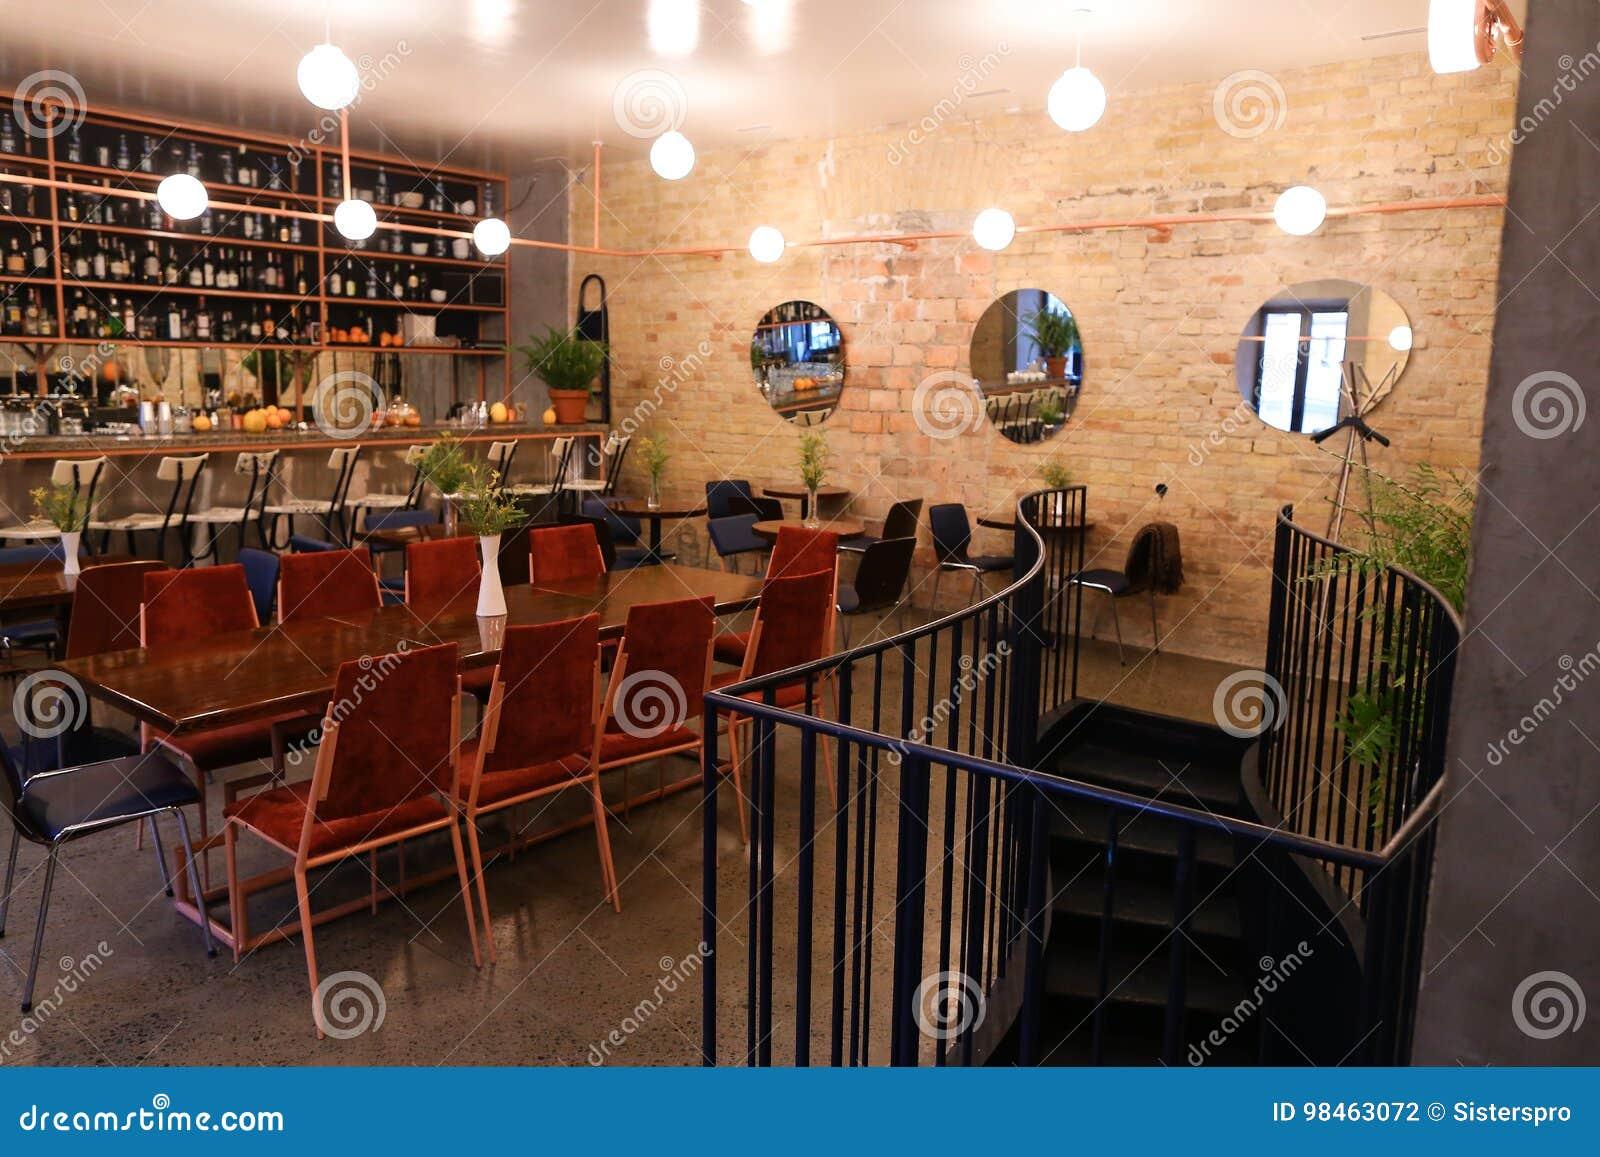 restaurant building design ideas